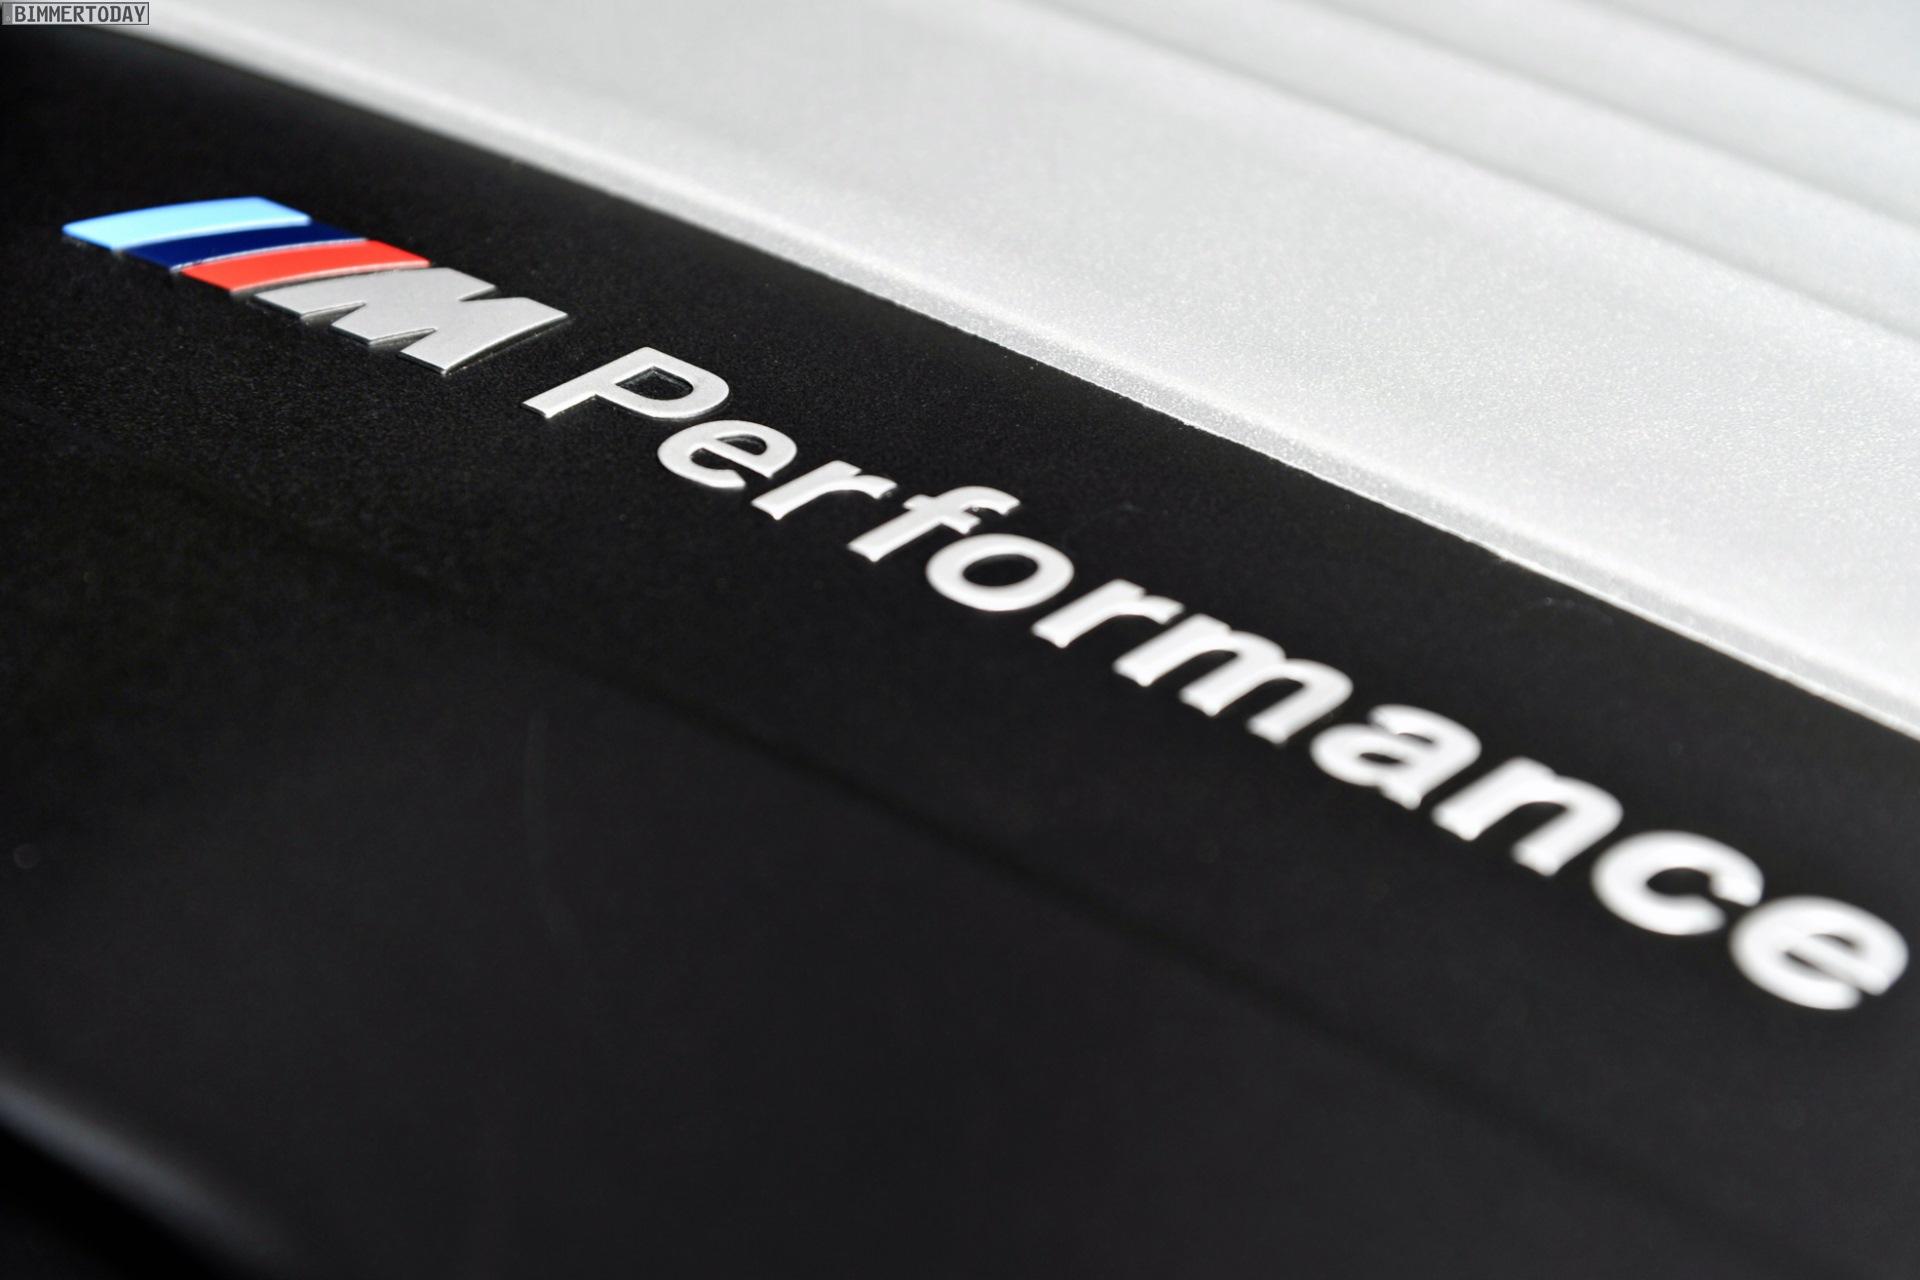 2014 BMW X5 M50d F15 M Sportpaket weiss Triturbo Diesel offiziell 23